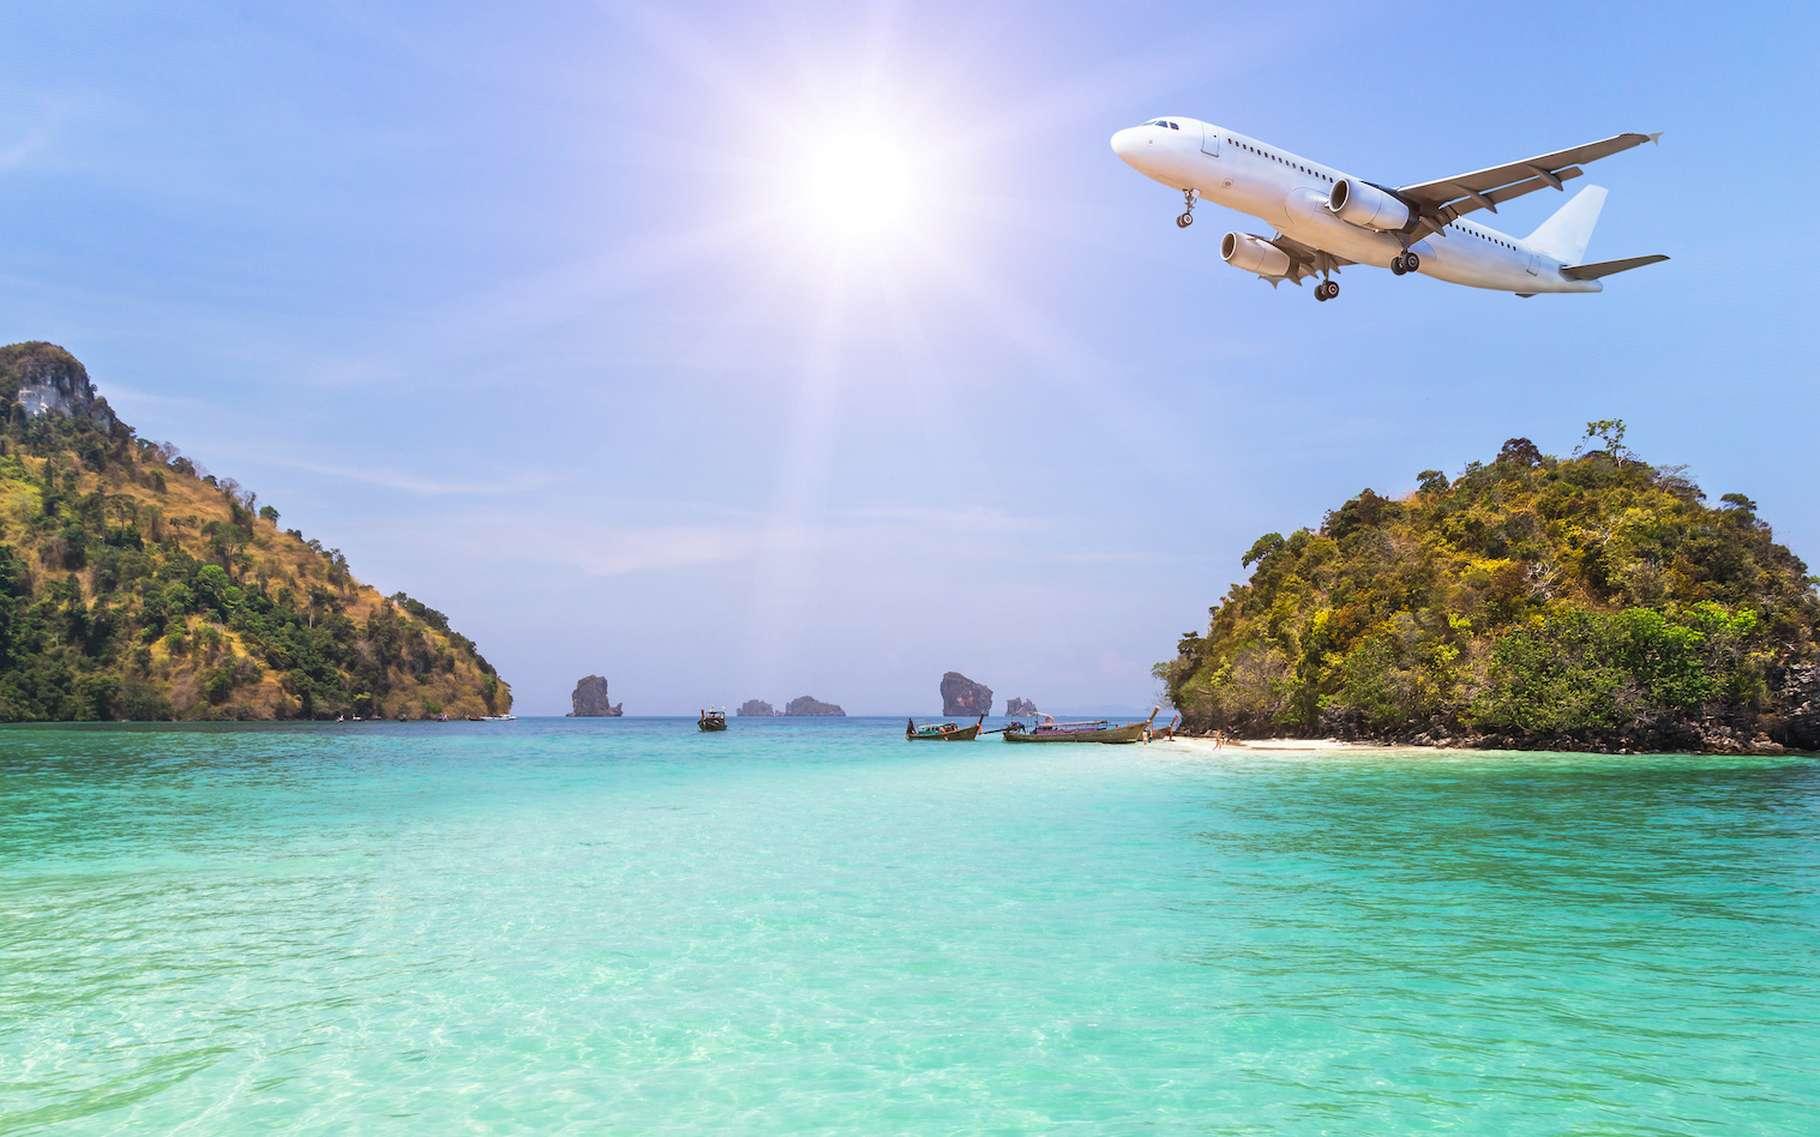 Peu à peu, les restrictions de déplacement tombent. Et il est aujourd'hui de nouveau possible de voyager. Y compris en avion et à l'étranger. Sous certaines conditions tout de même et en prenant toujours quelques précautions. © Soonthom, Adobe Stock